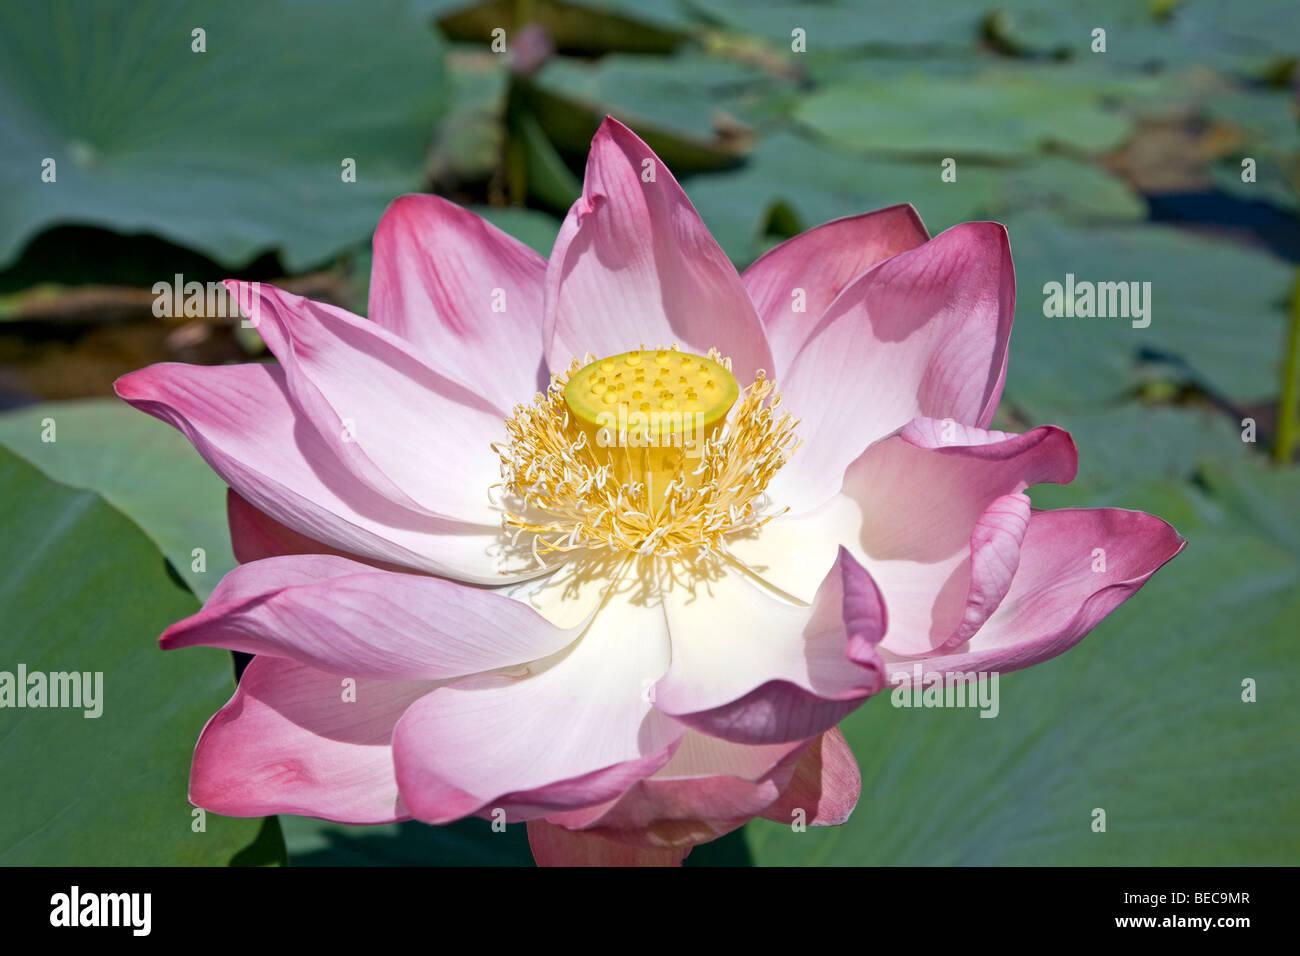 Nelumbium speciosum stock photos nelumbium speciosum stock images lotus flower dal lake srinagar kashmir india stock image izmirmasajfo